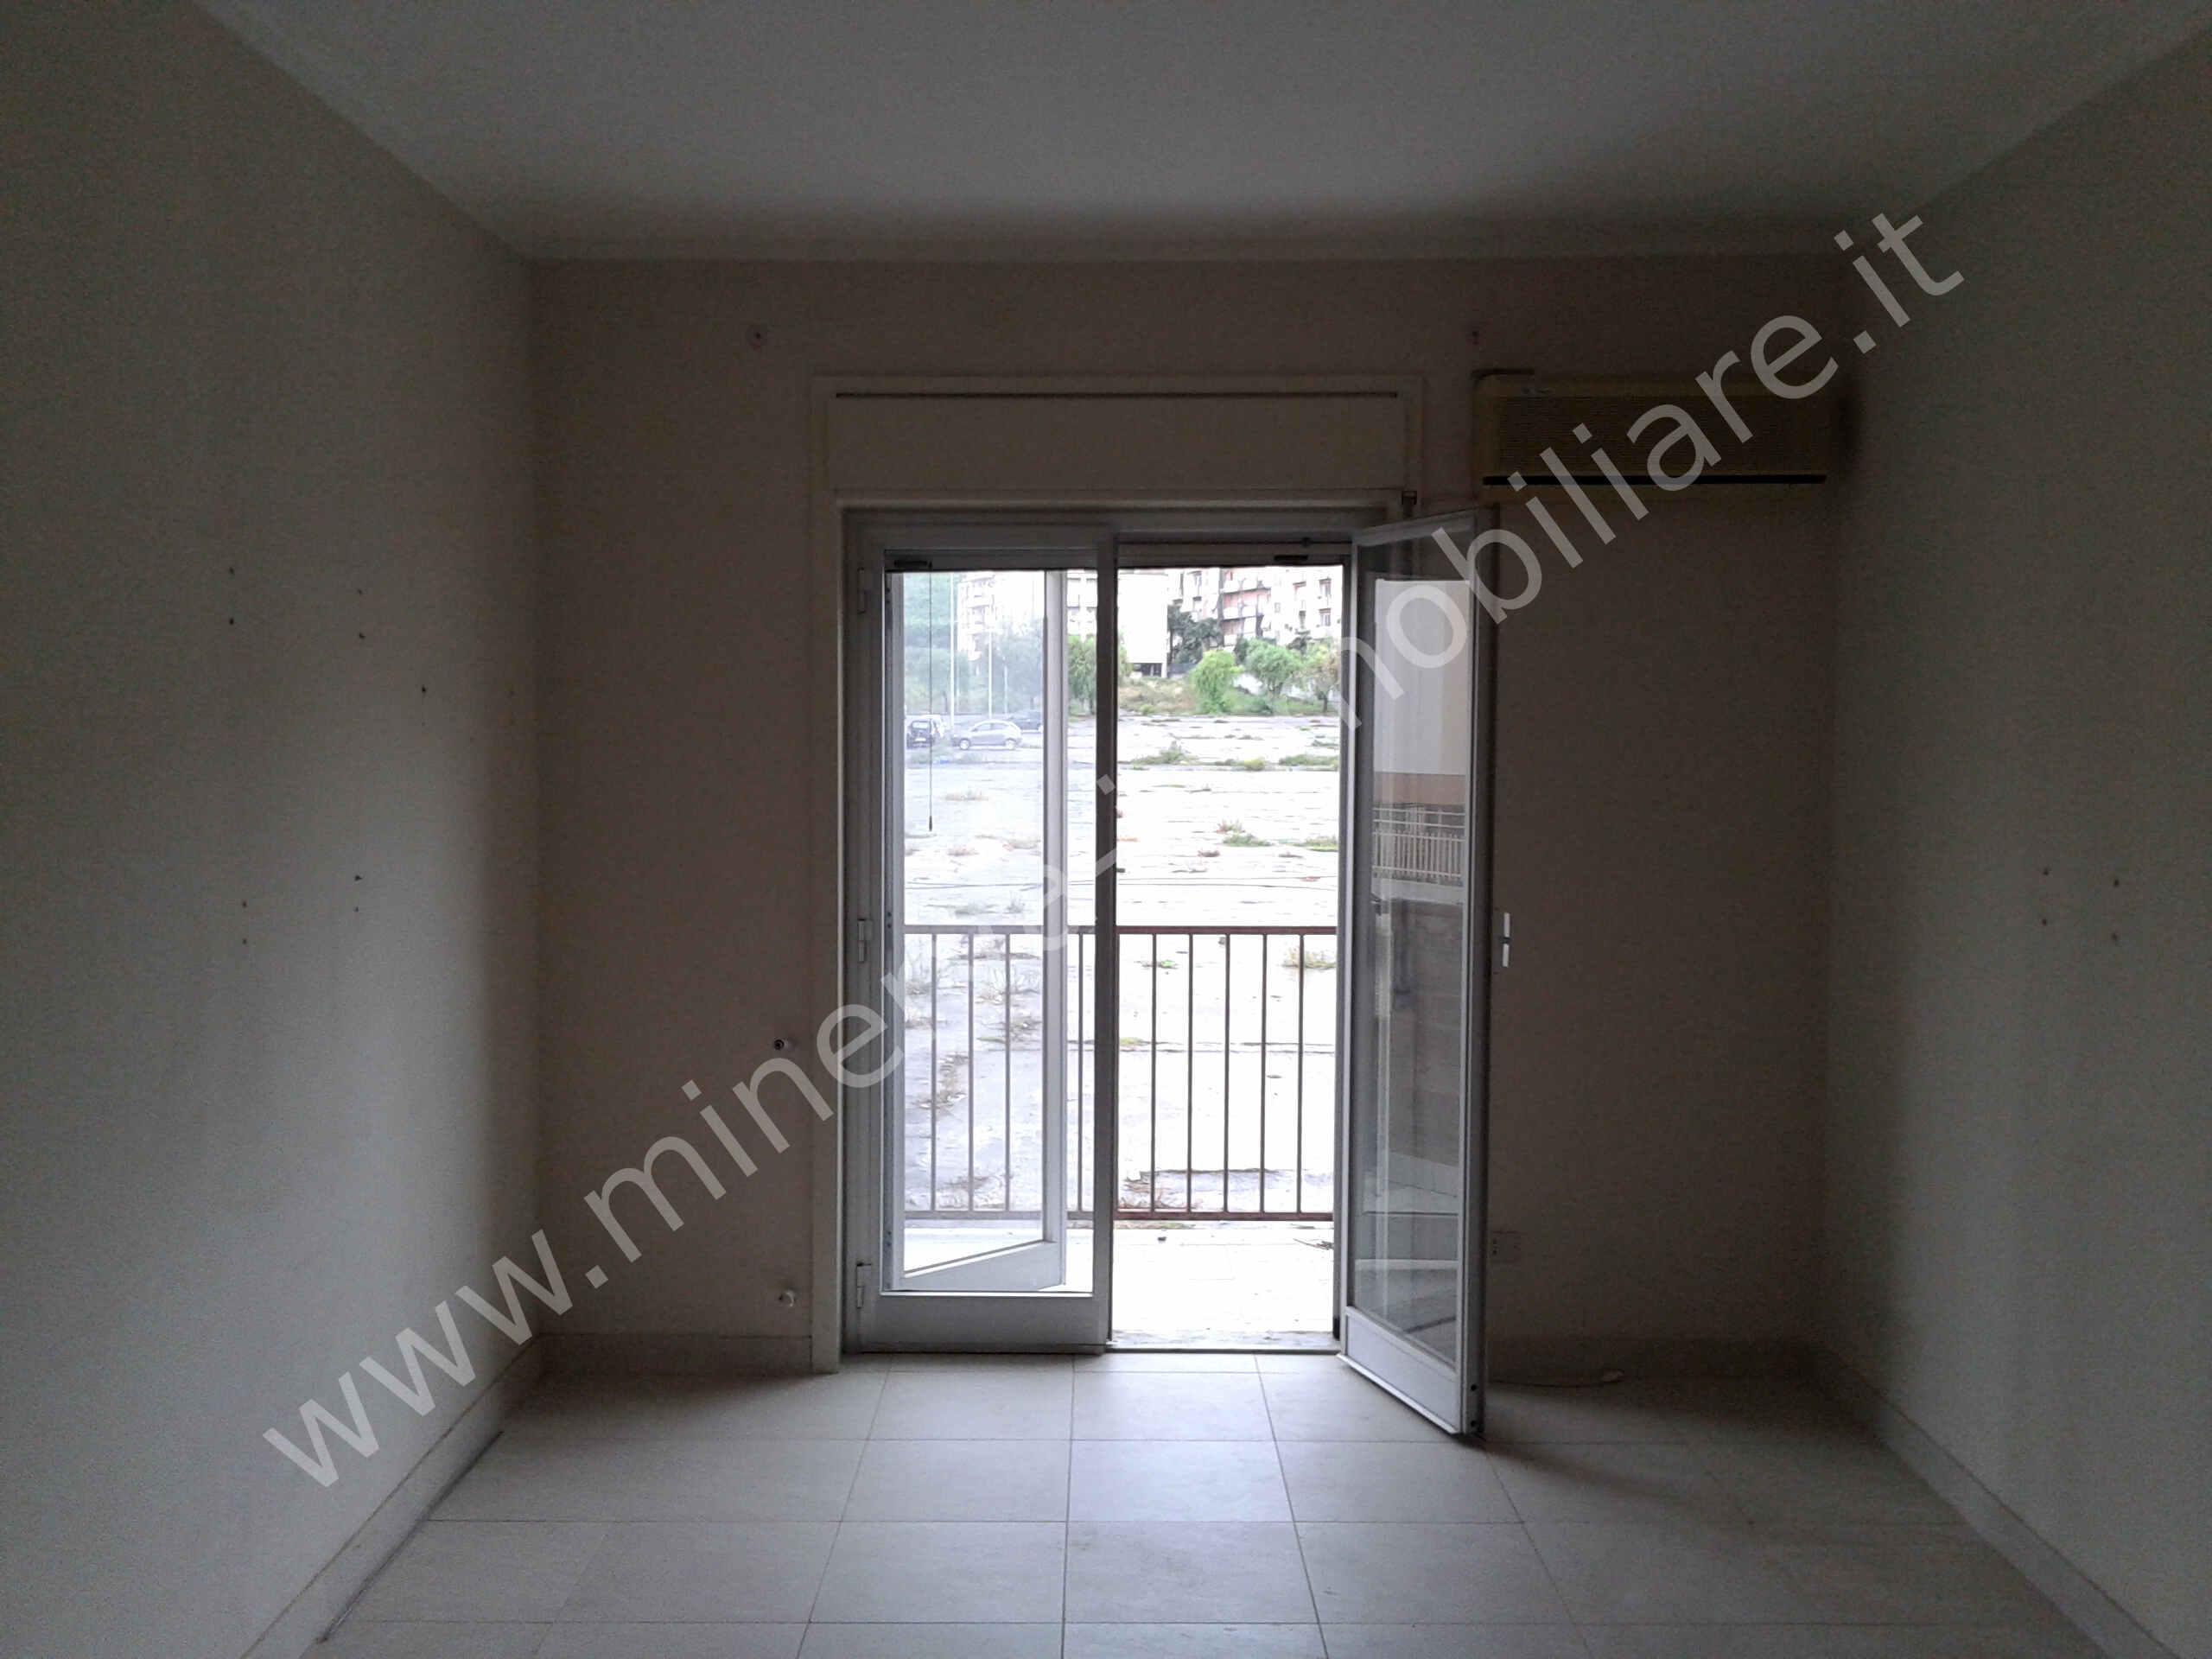 Appartamento quattro vani affitto Lentini